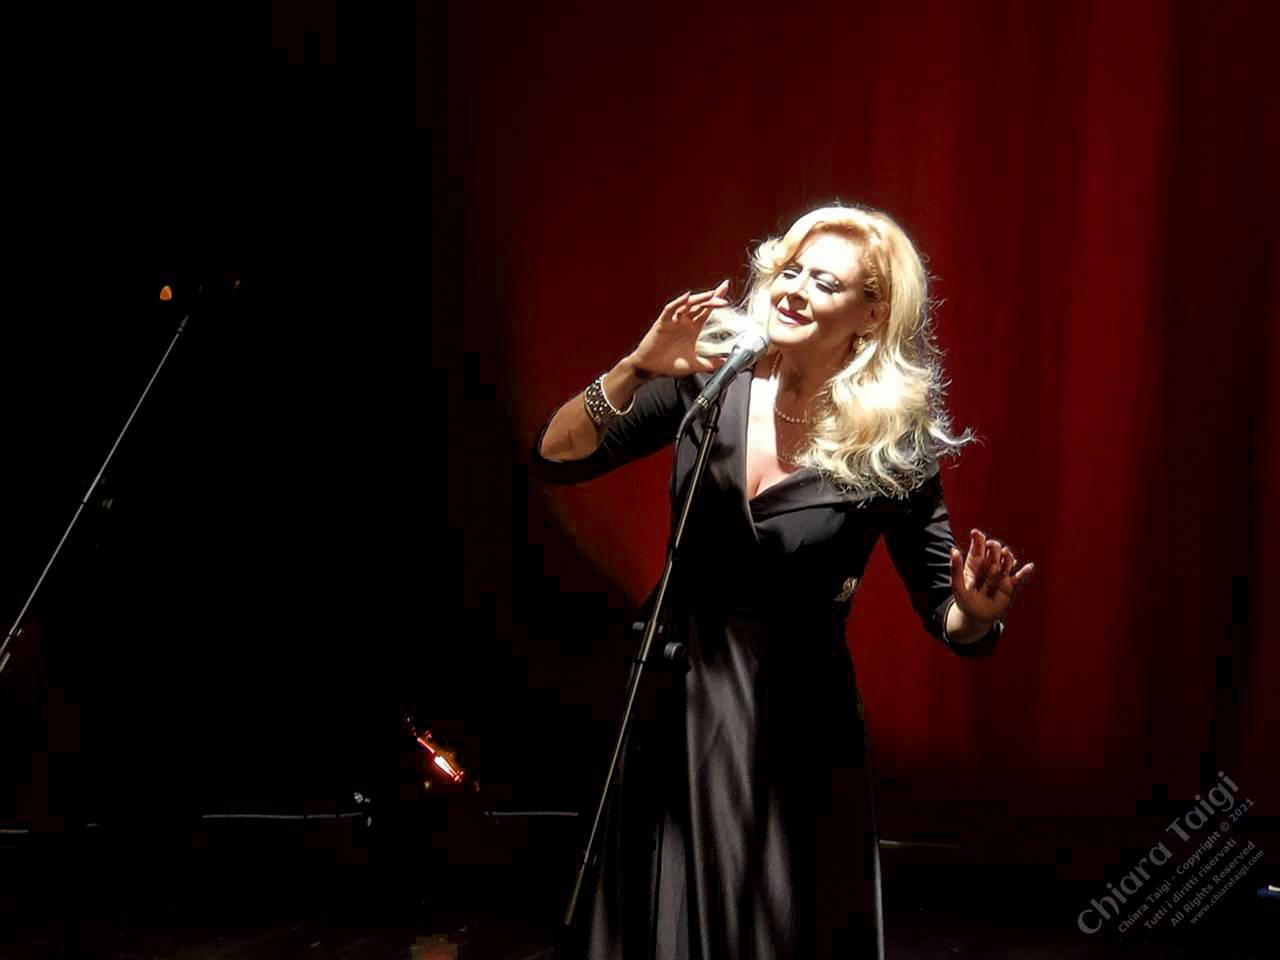 CHIARA TAIGI in Teatro - Ritorna la Lirica in concerto a Montefano